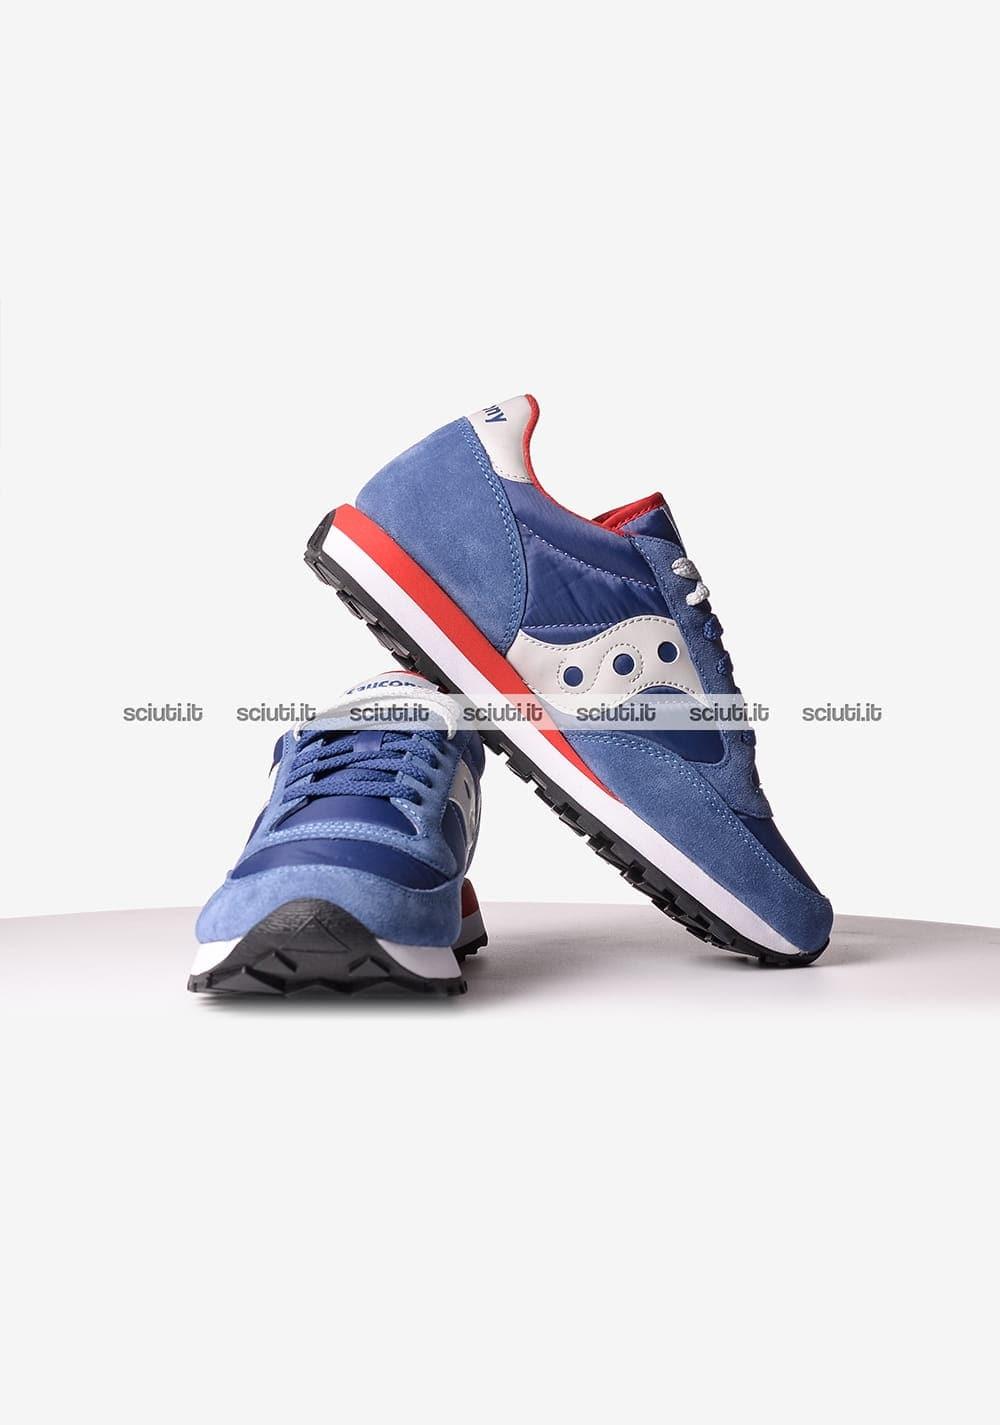 Scarpe Saucony uomo Jazz blu rosso  500cb30c373